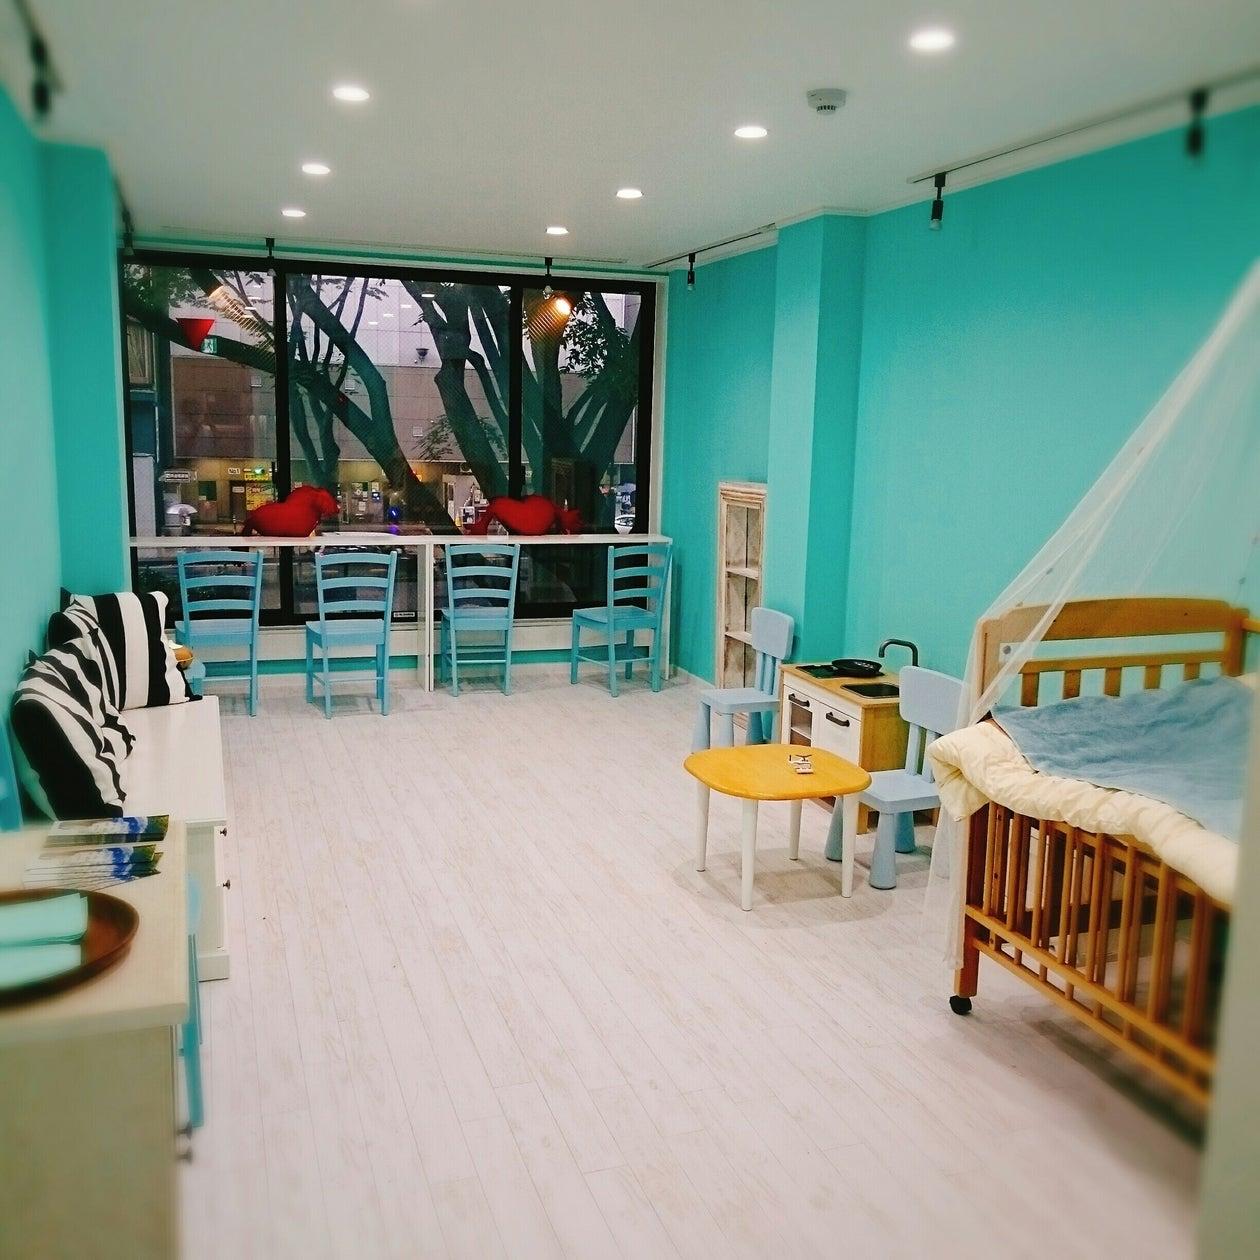 きれいな内装にアクセス良好。お友達とお茶会やセミナーなど活用できます! のサムネイル